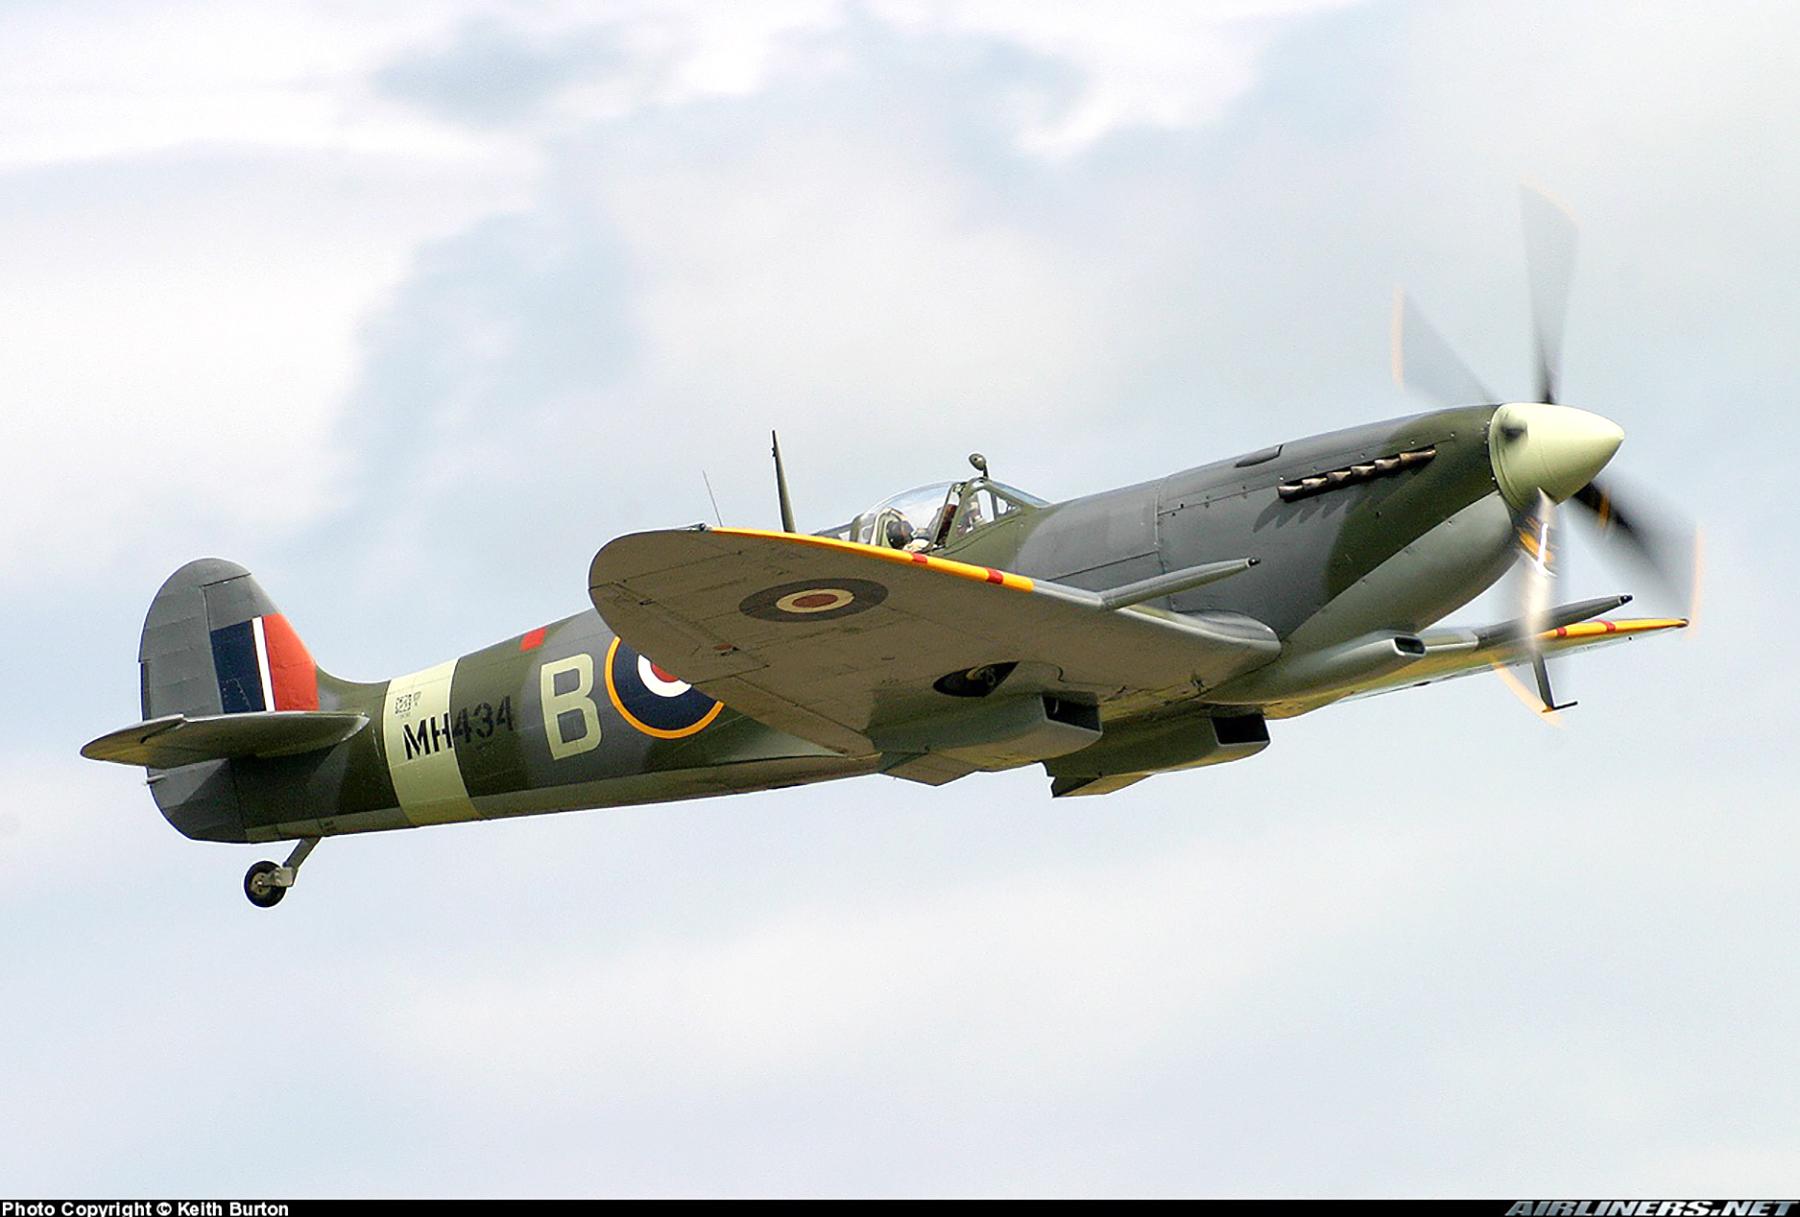 Airworthy Spitfire warbird RAF 222Sqn ZDB MH434 England 13